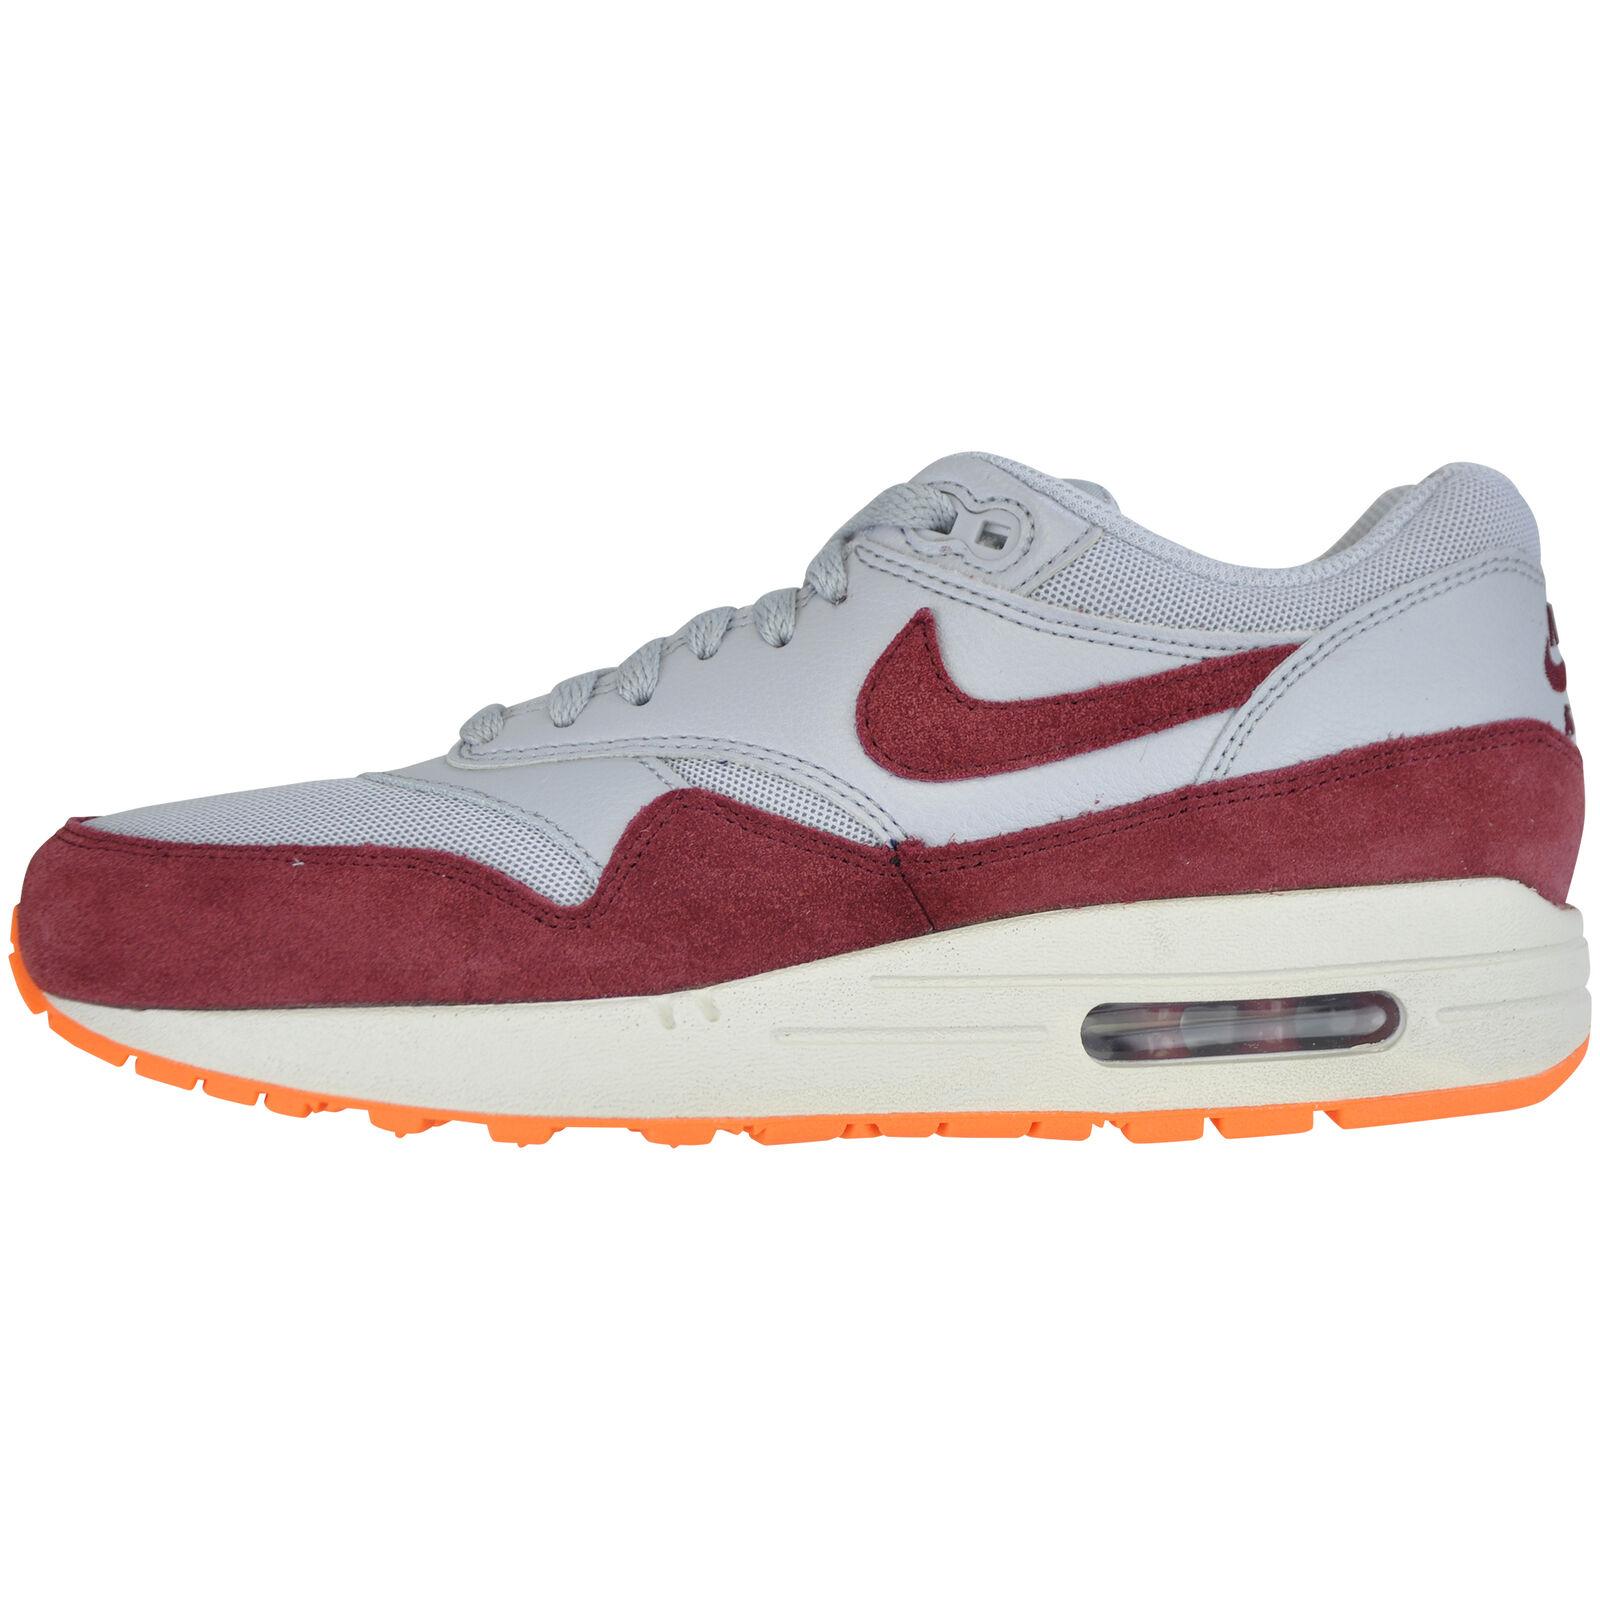 Recortes de precios estacionales, beneficios de descuento Wmns Nike Air Max 1 essential 599820-015 cortos Lifestyle mentecato mujeres zapato